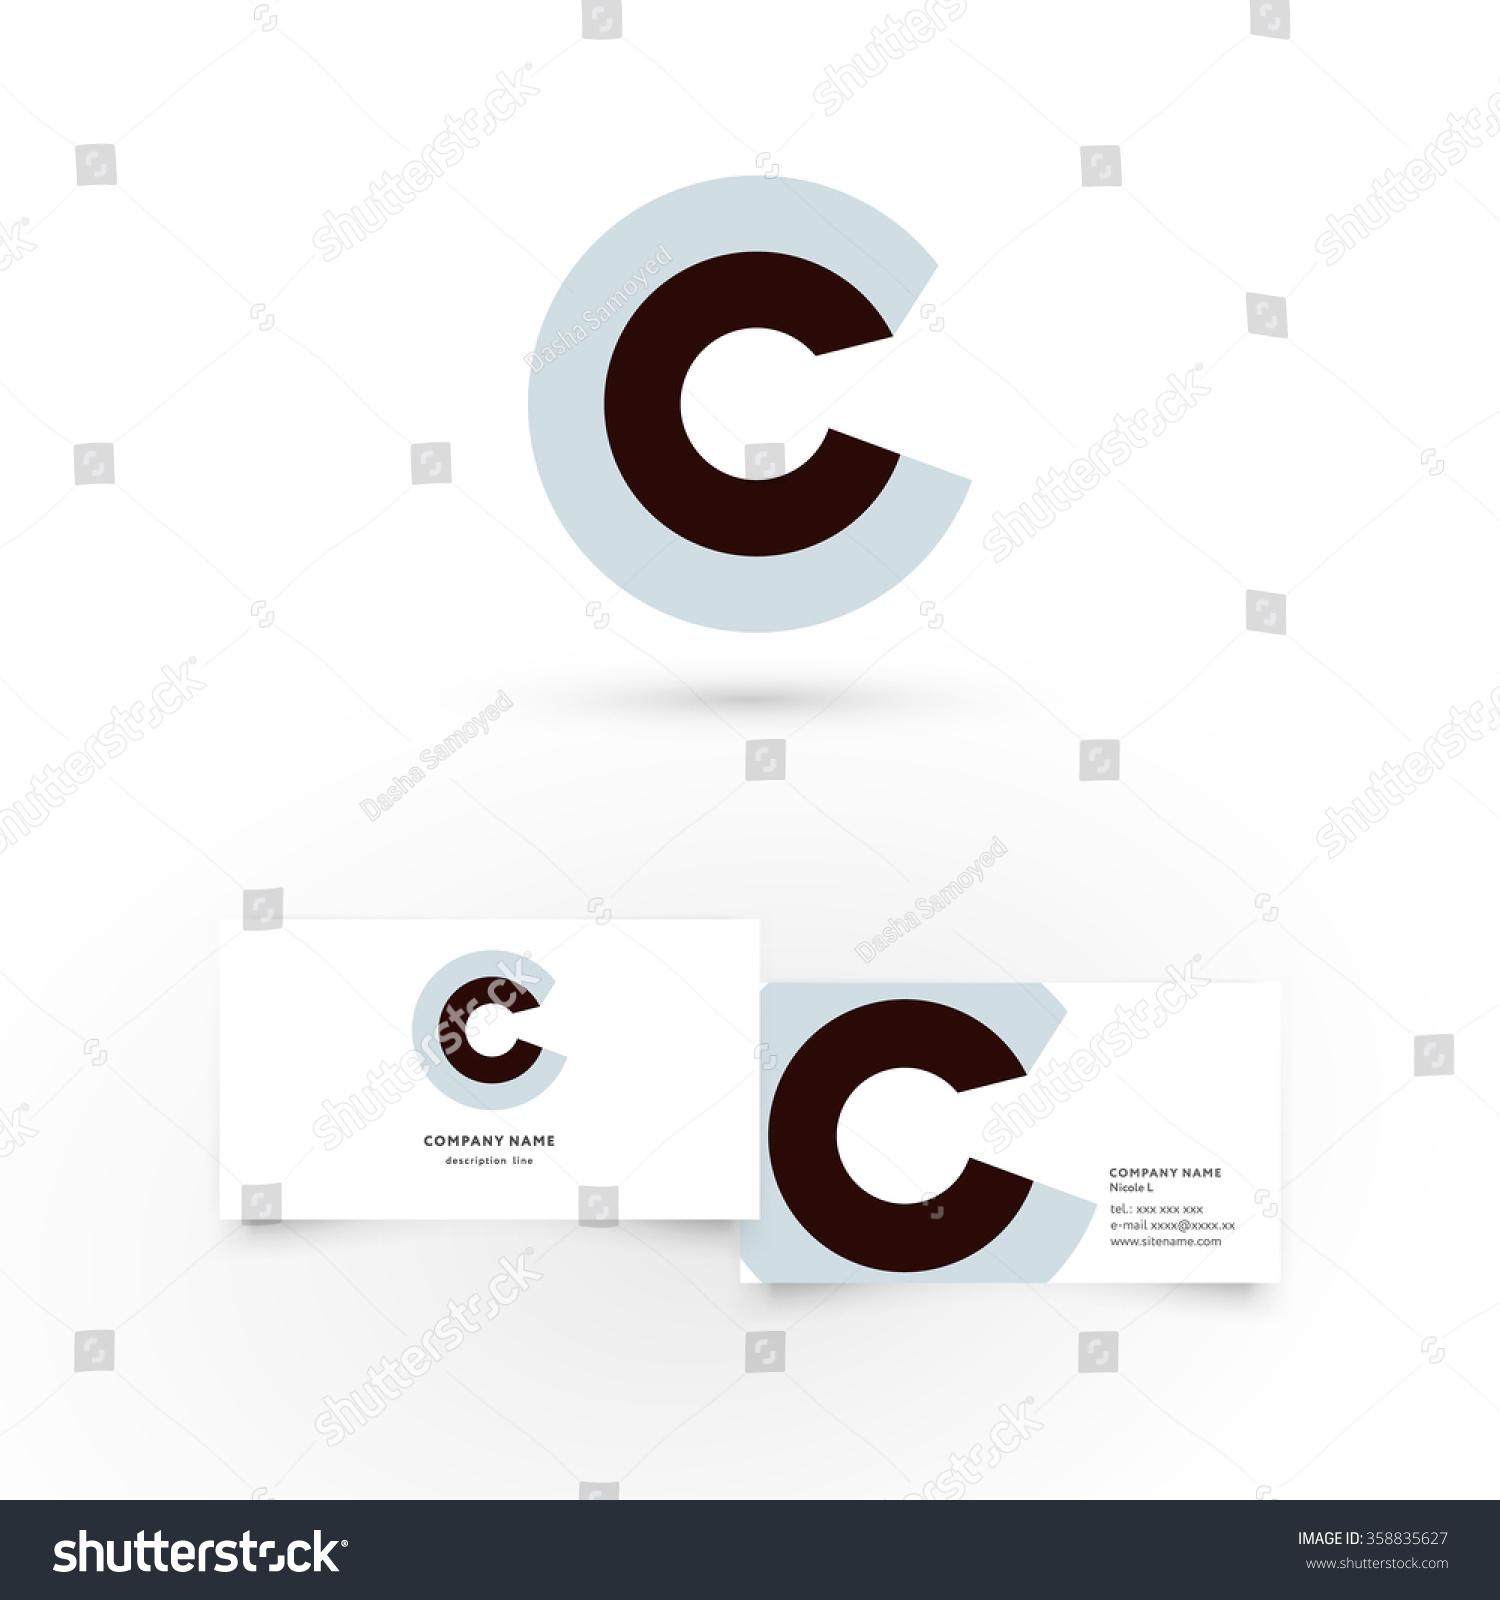 modern icon design c letter shape stock vector